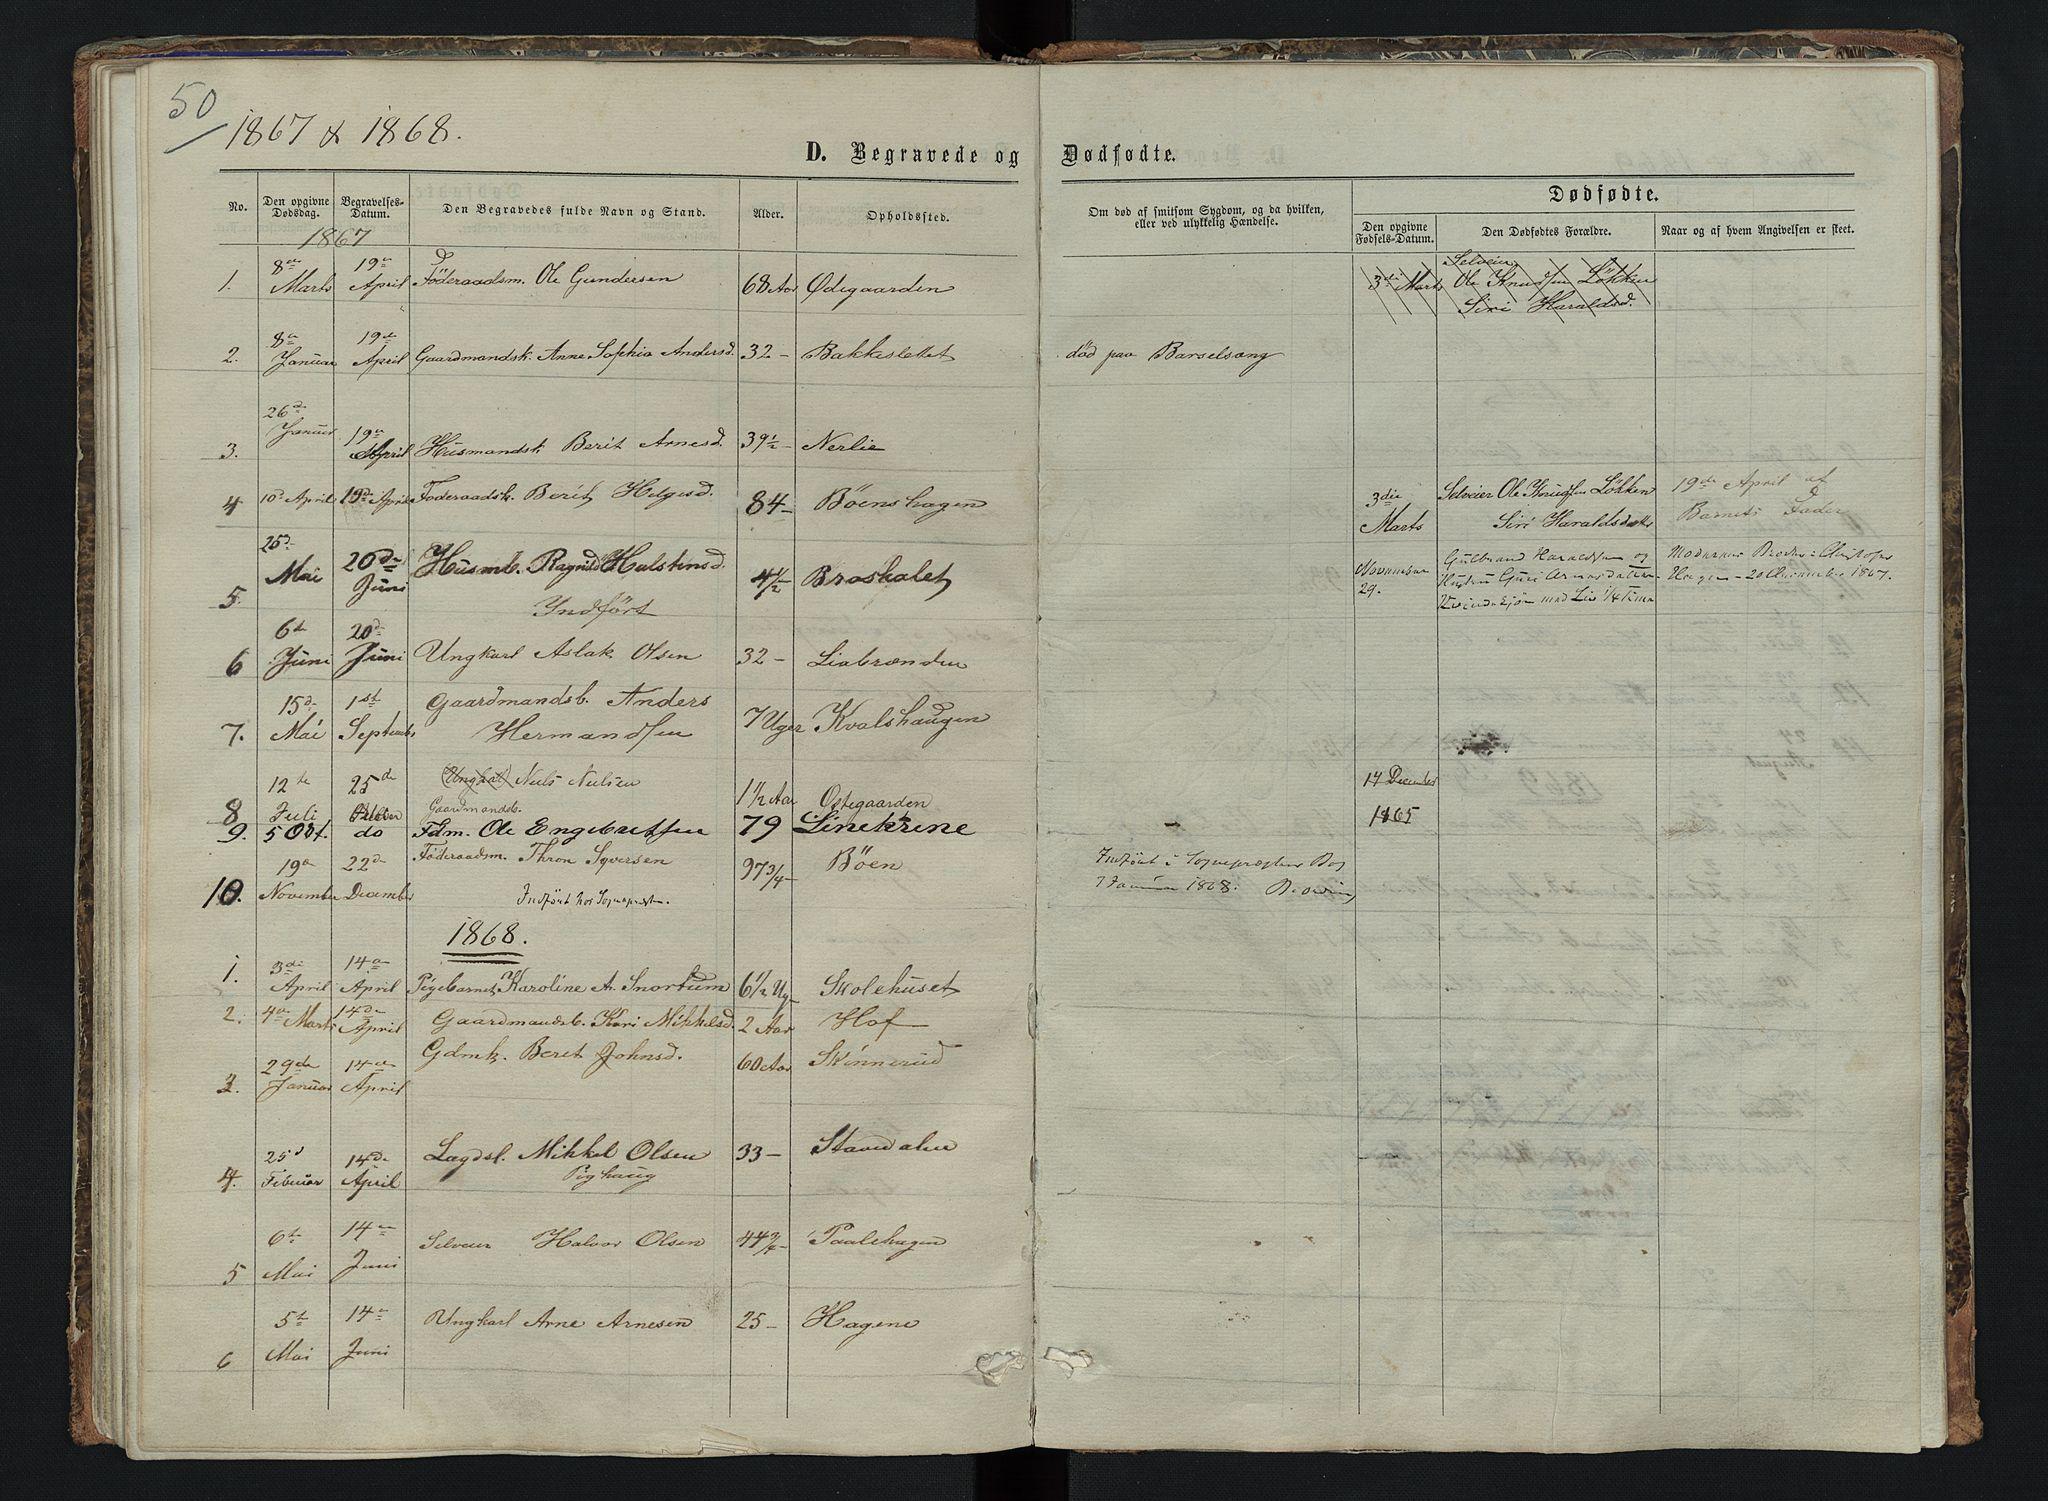 SAH, Sør-Aurdal prestekontor, Klokkerbok nr. 6, 1866-1893, s. 50